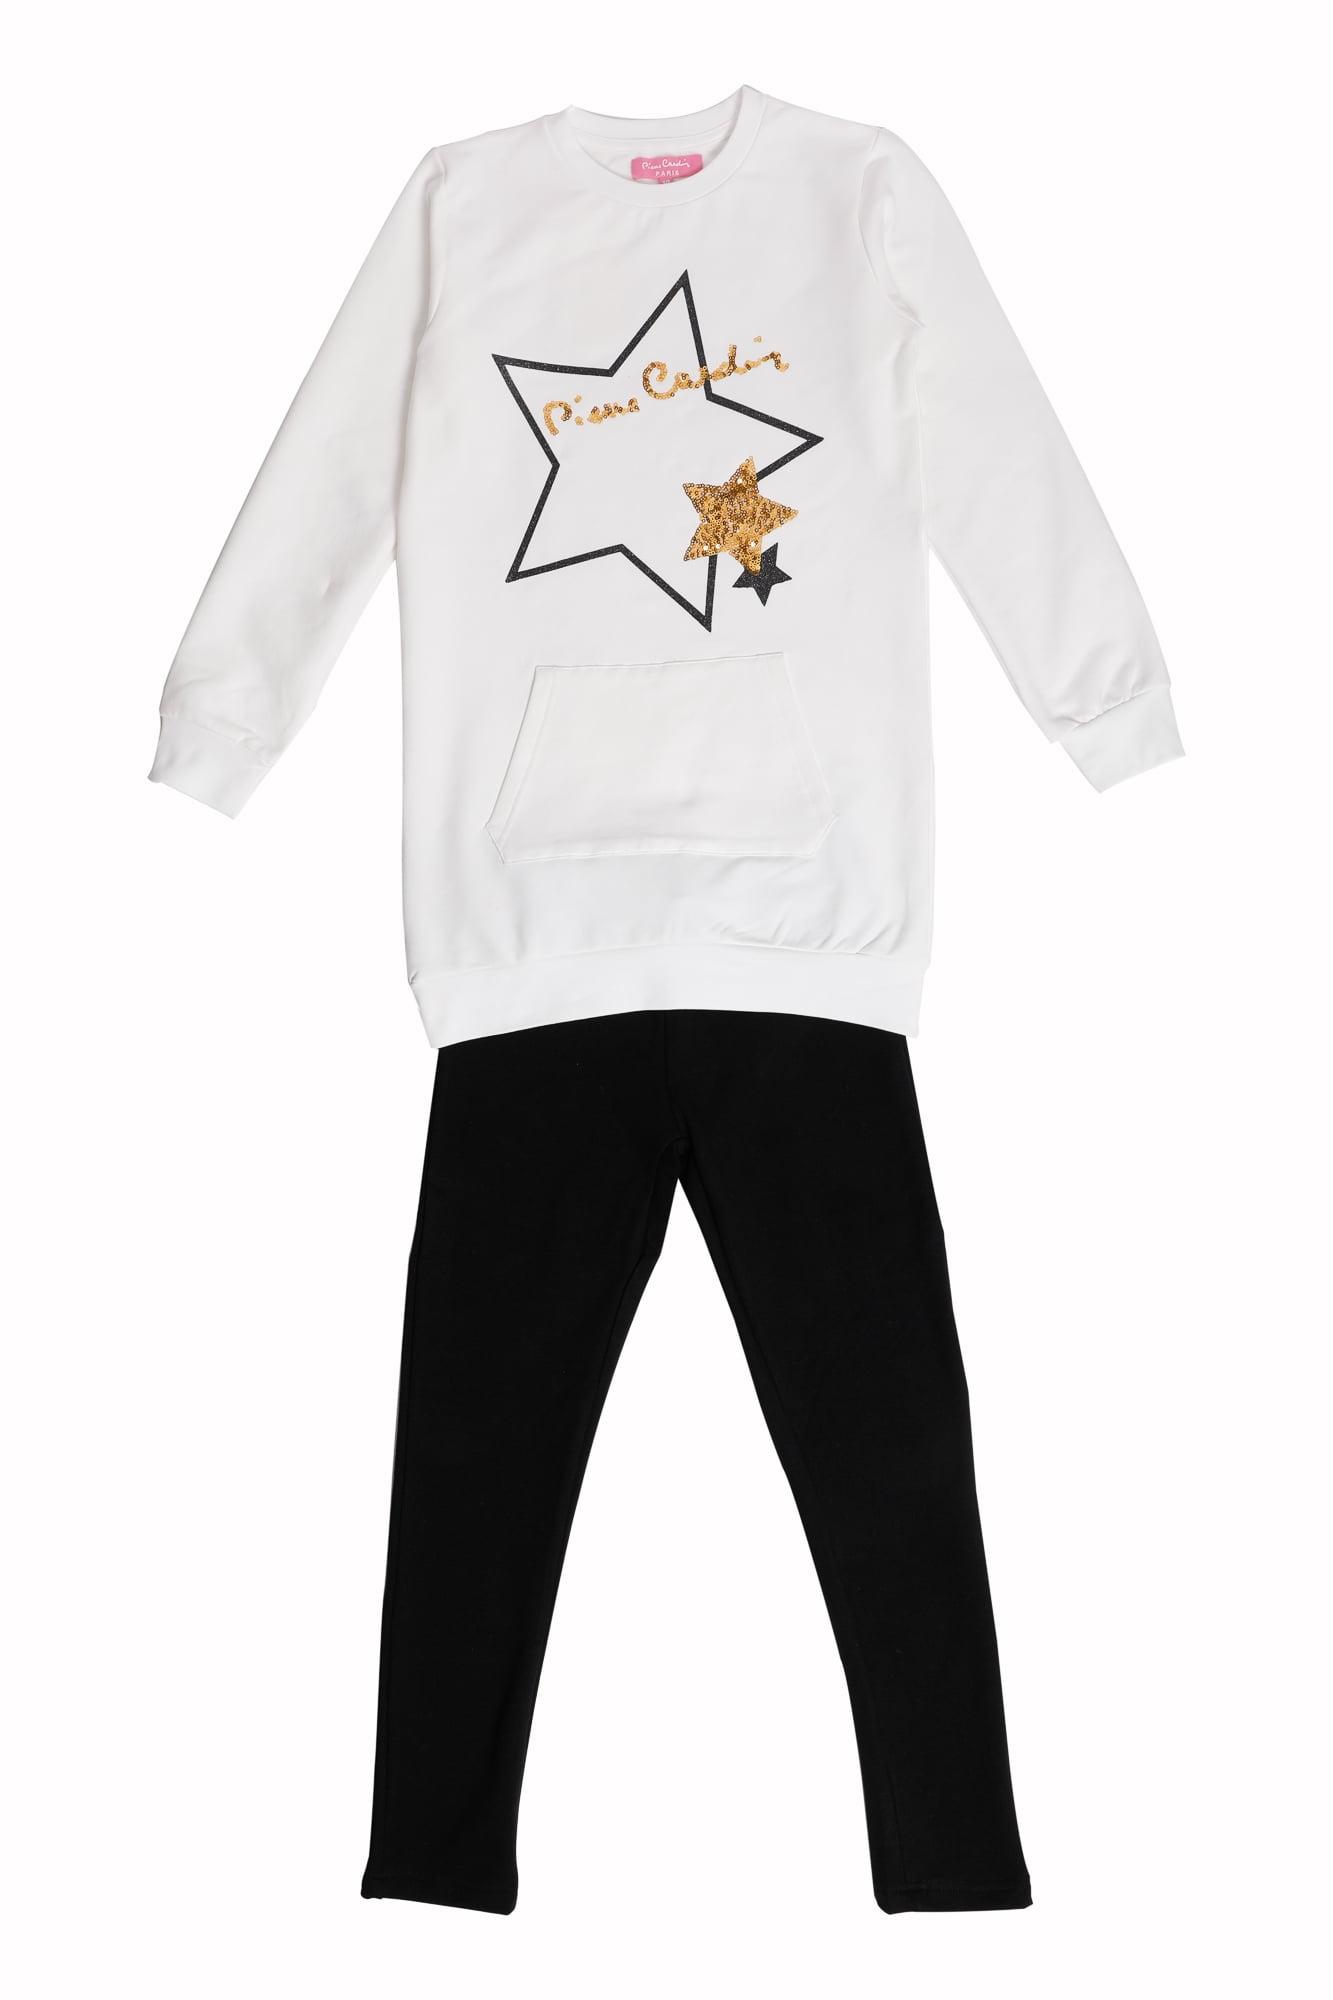 Tuta ragazza P.C. milk maxi maglia girocollo motivo oro Pantalone Leggings nero